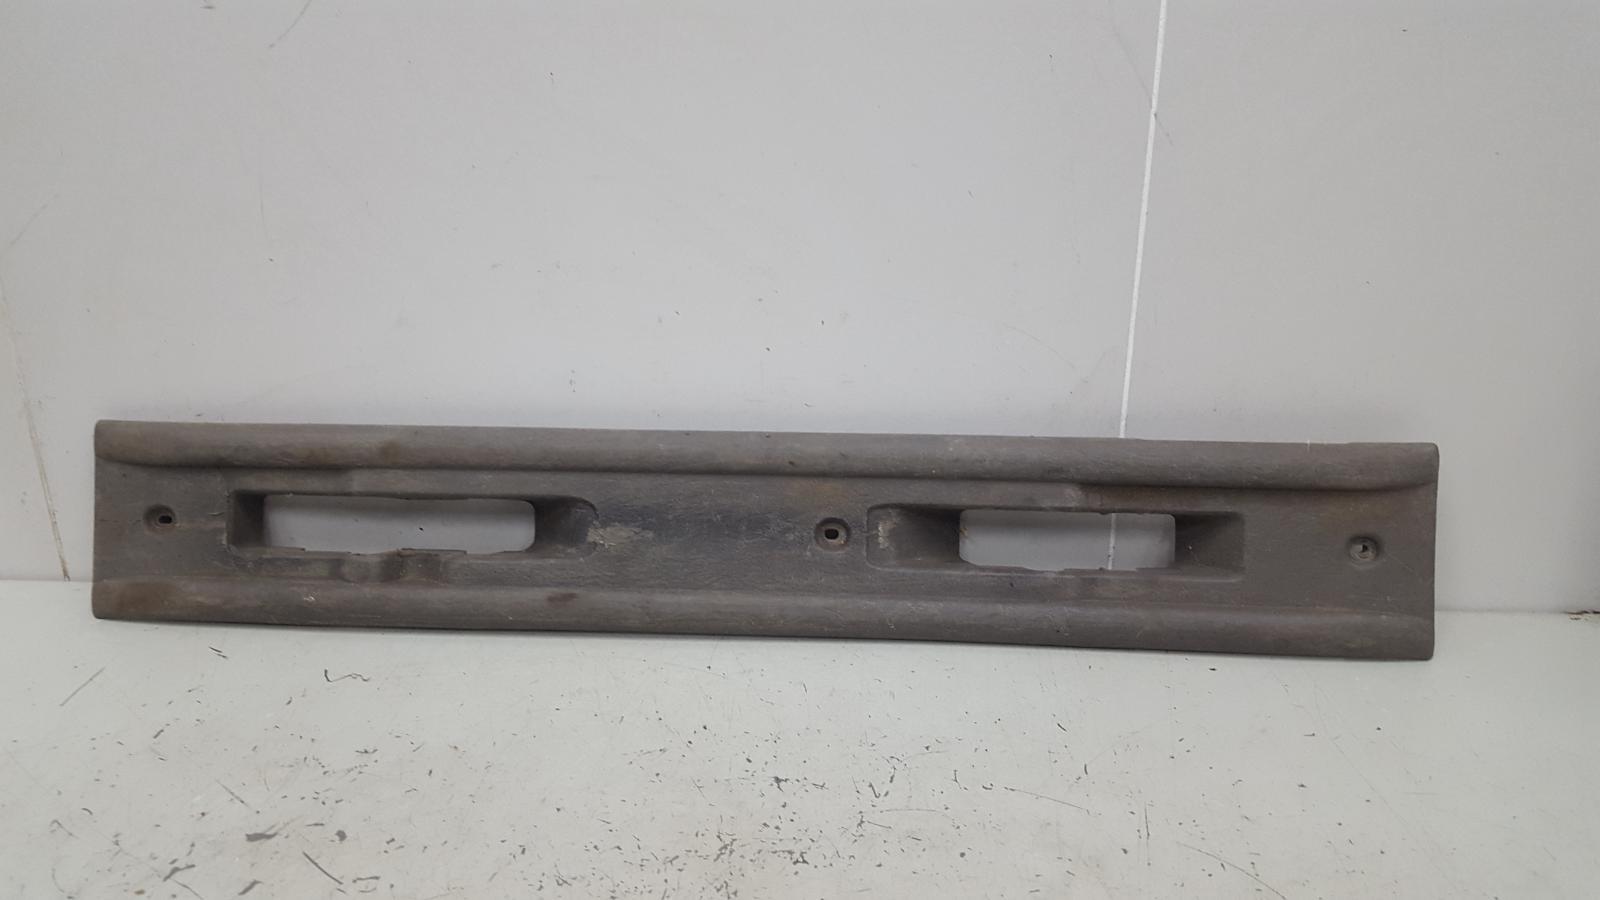 Накладка салазок сиденья Dodge Caravan 4 RG EGM 3.3Л 2001 левая